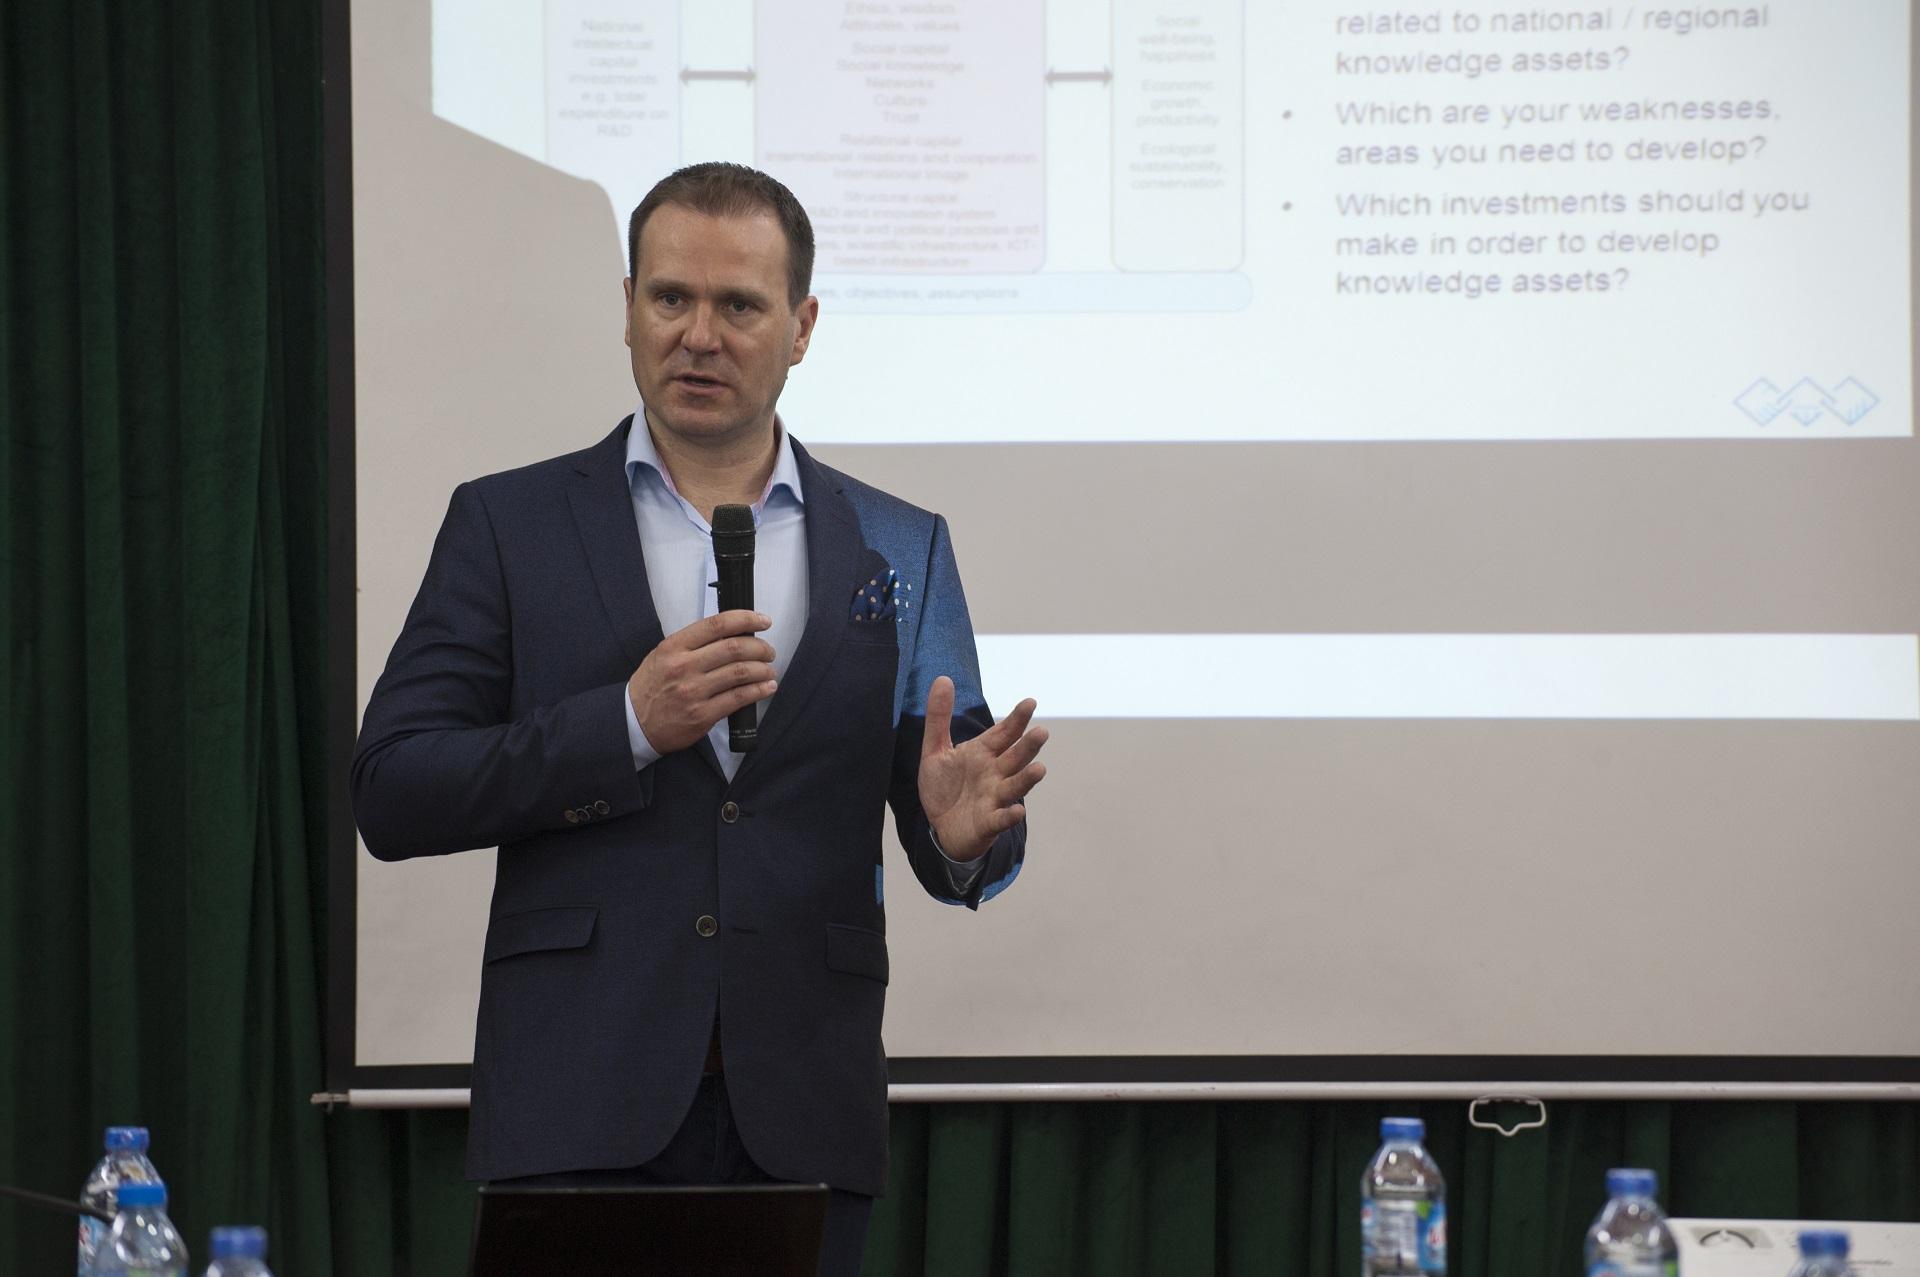 GS. Antti Lönnqvist, Trưởng Khoa quản lý, Đại học Tampere thuộc Đại học  Tổng hợp Phần Lan chia sẻ những kinh nghiệm trong quản lý tri thức